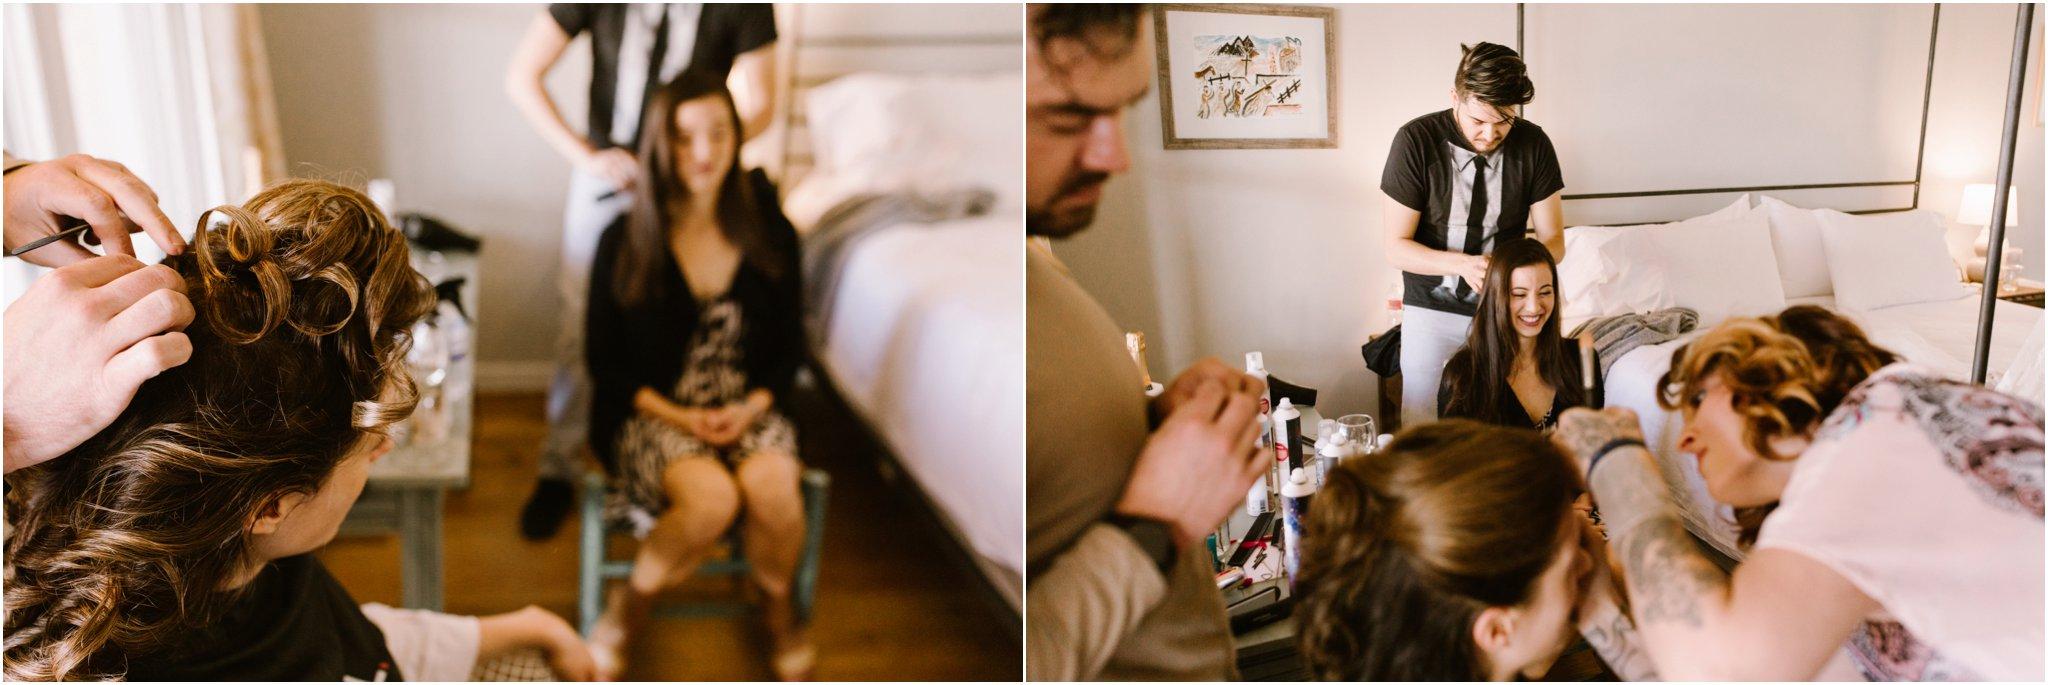 0248Los Poblanos Weddings Blue Rose Photography Studios